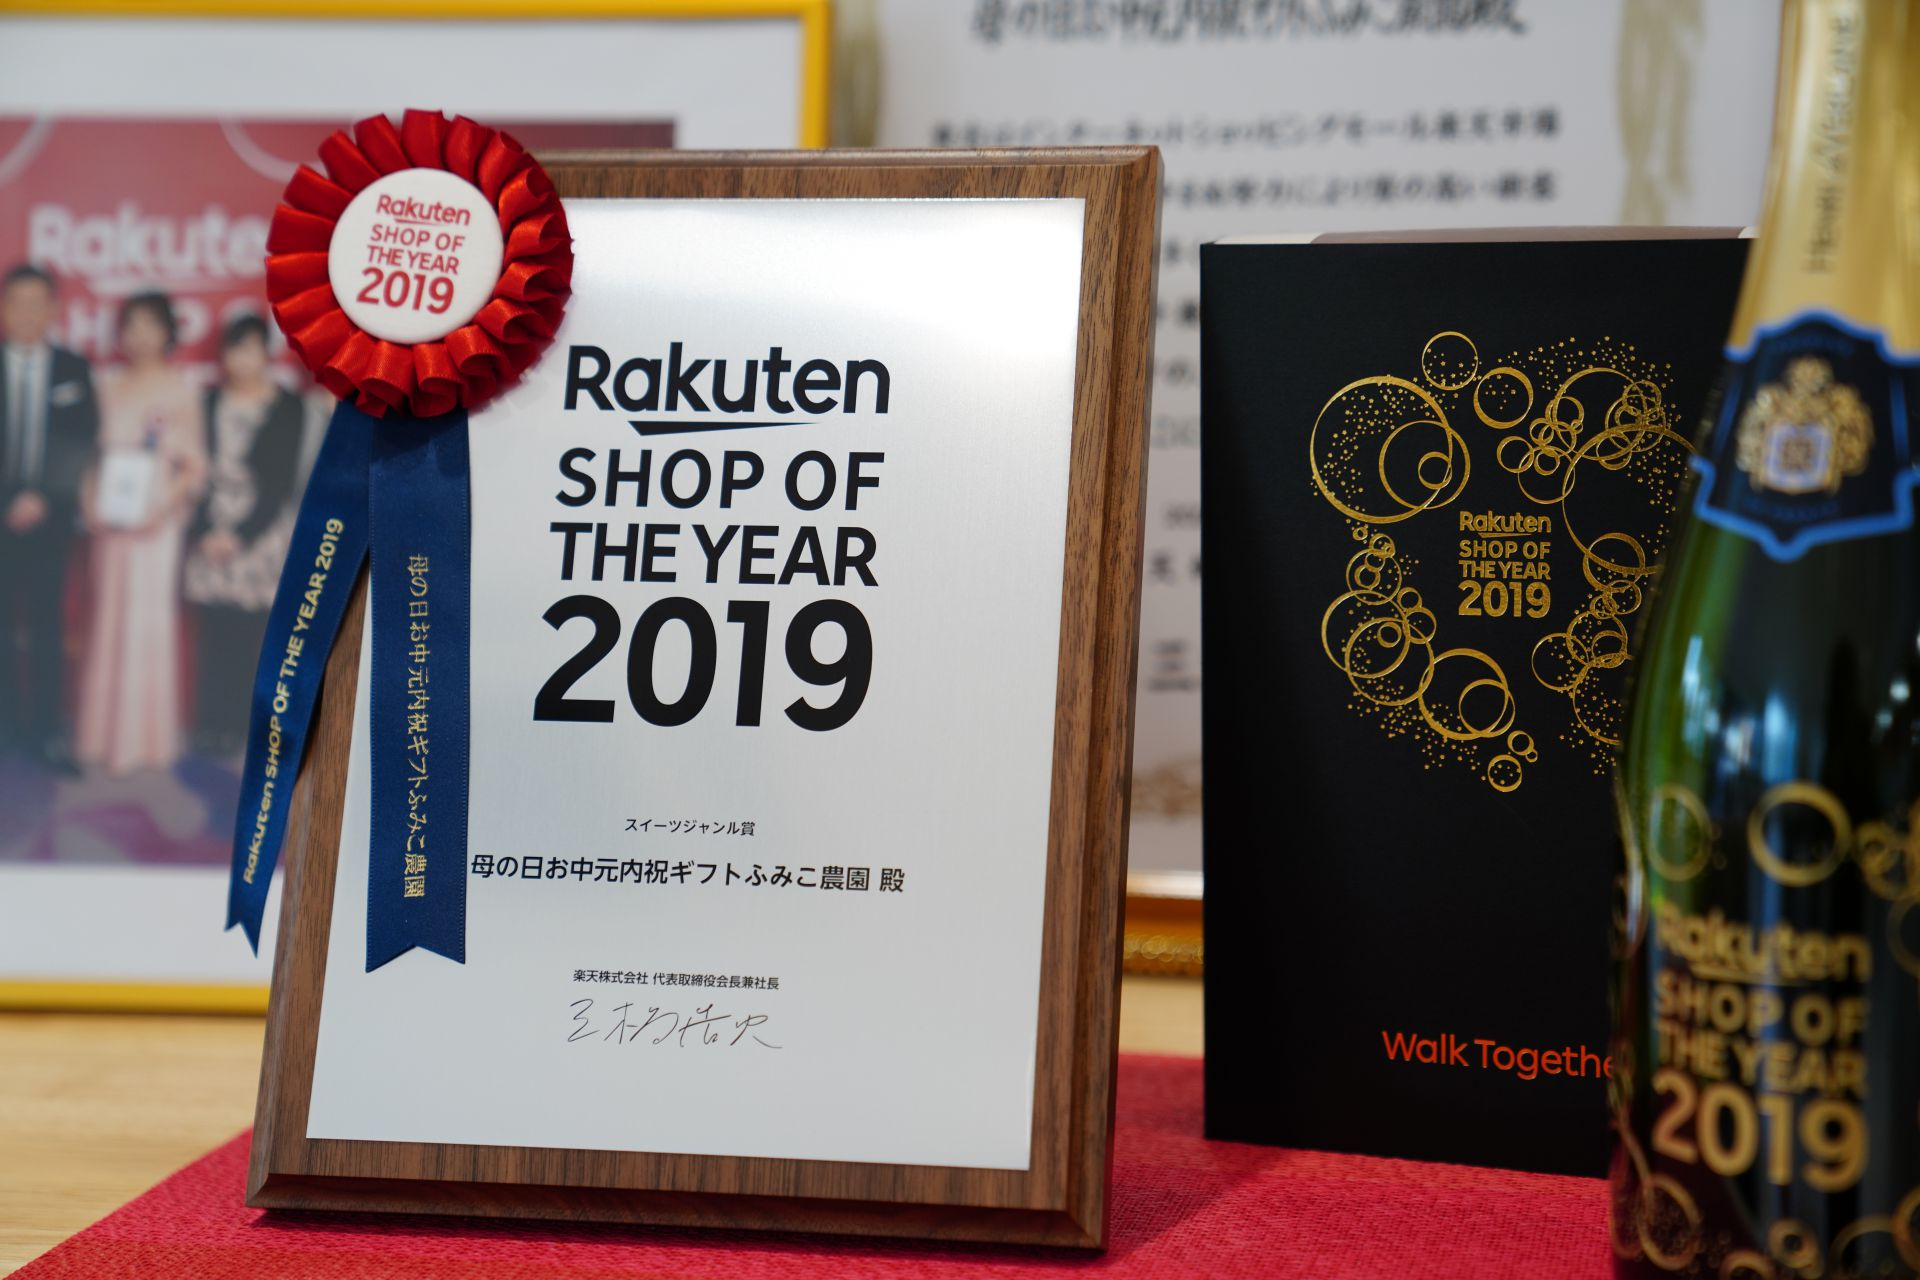 楽天市場 SHOP OF THE YEAR 2019 : スイーツジャンル賞受賞